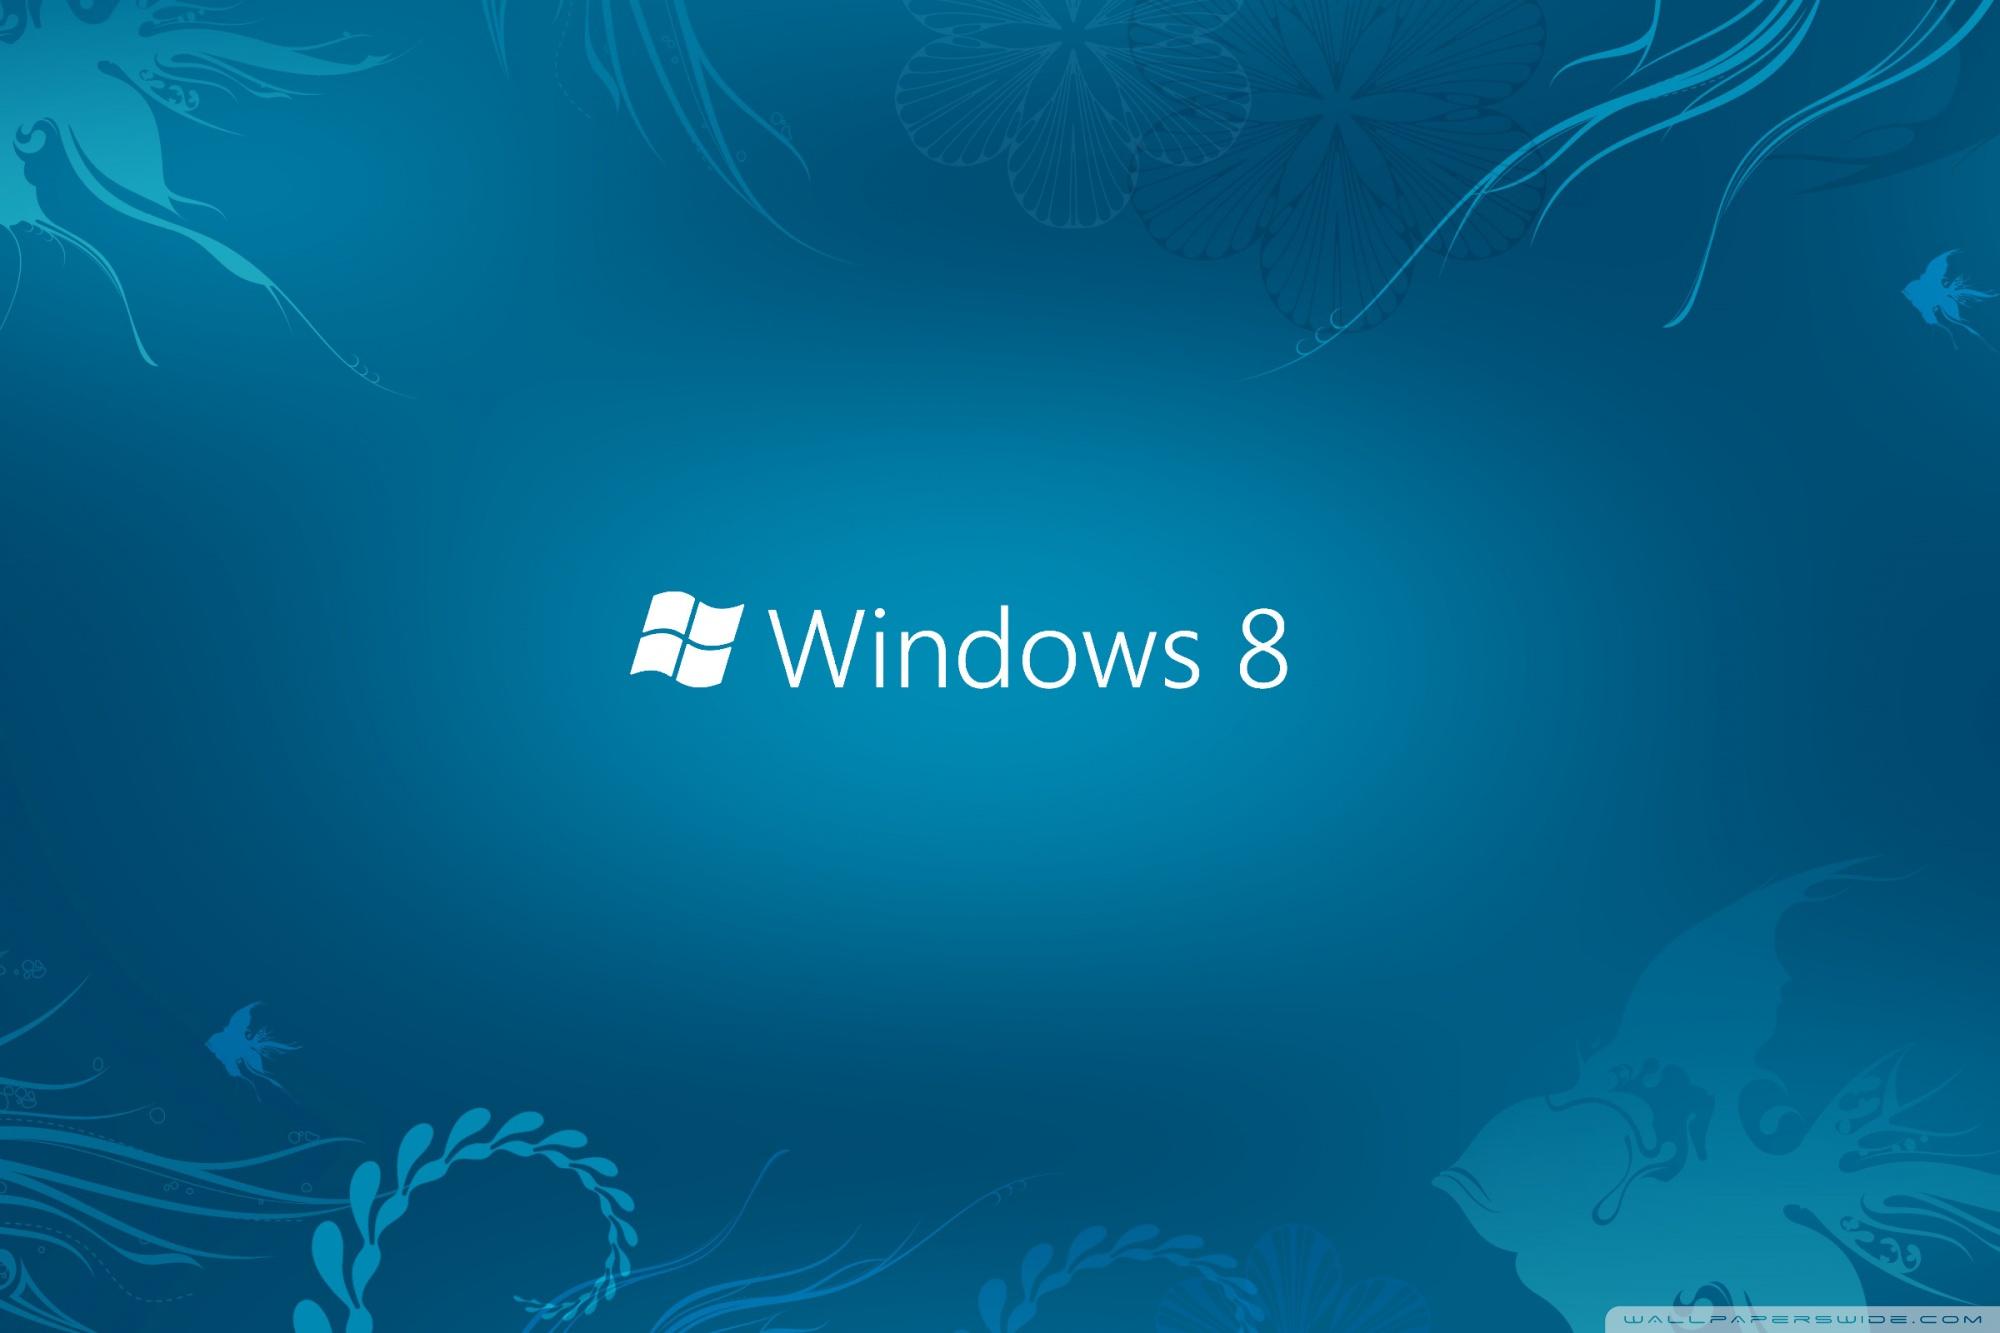 Windows 8 Blue HD desktop wallpaper : High Definition : Fullscreen